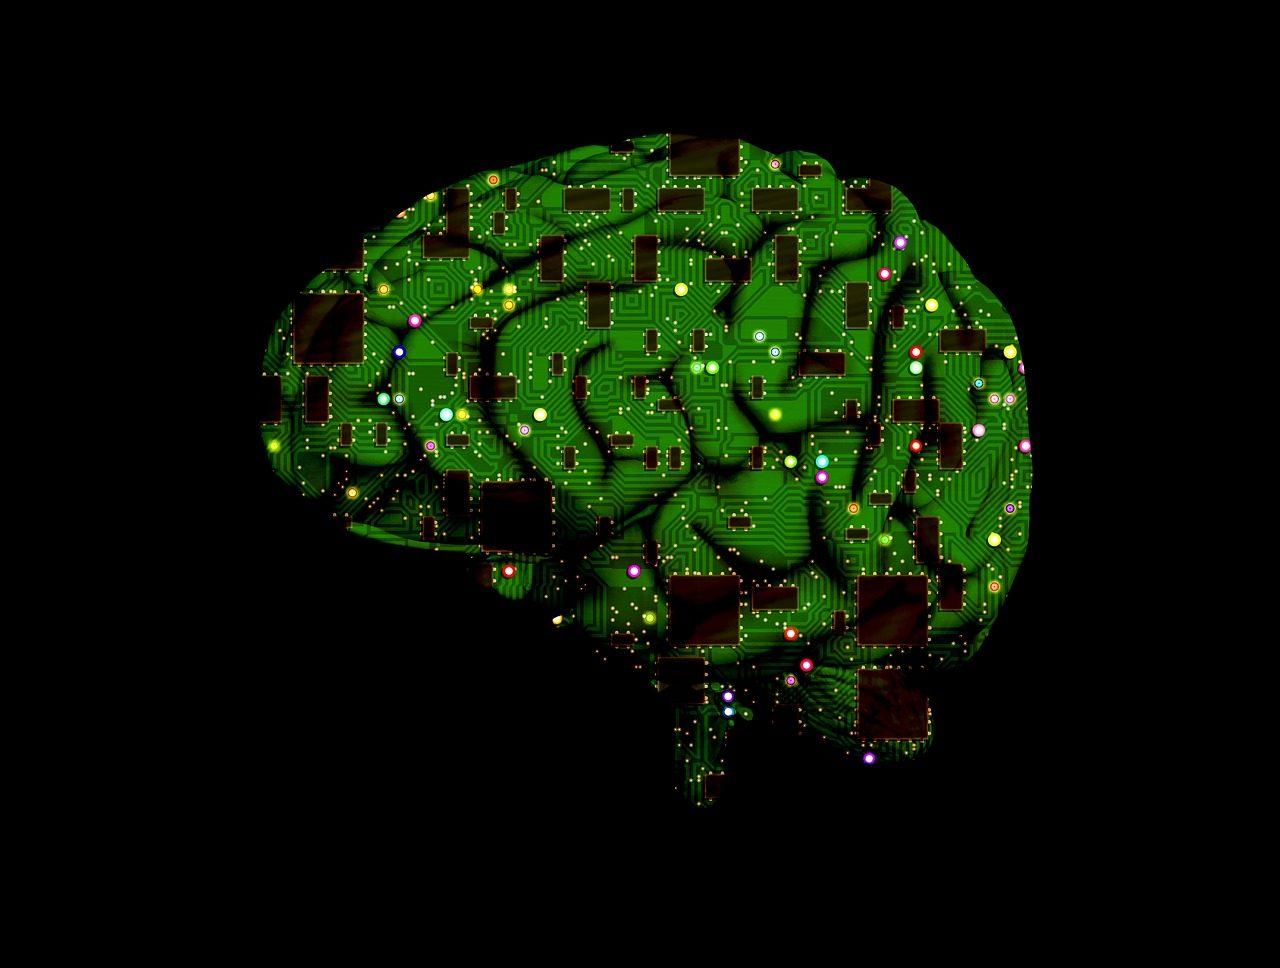 brain-1845944_1280-1280x968.jpg